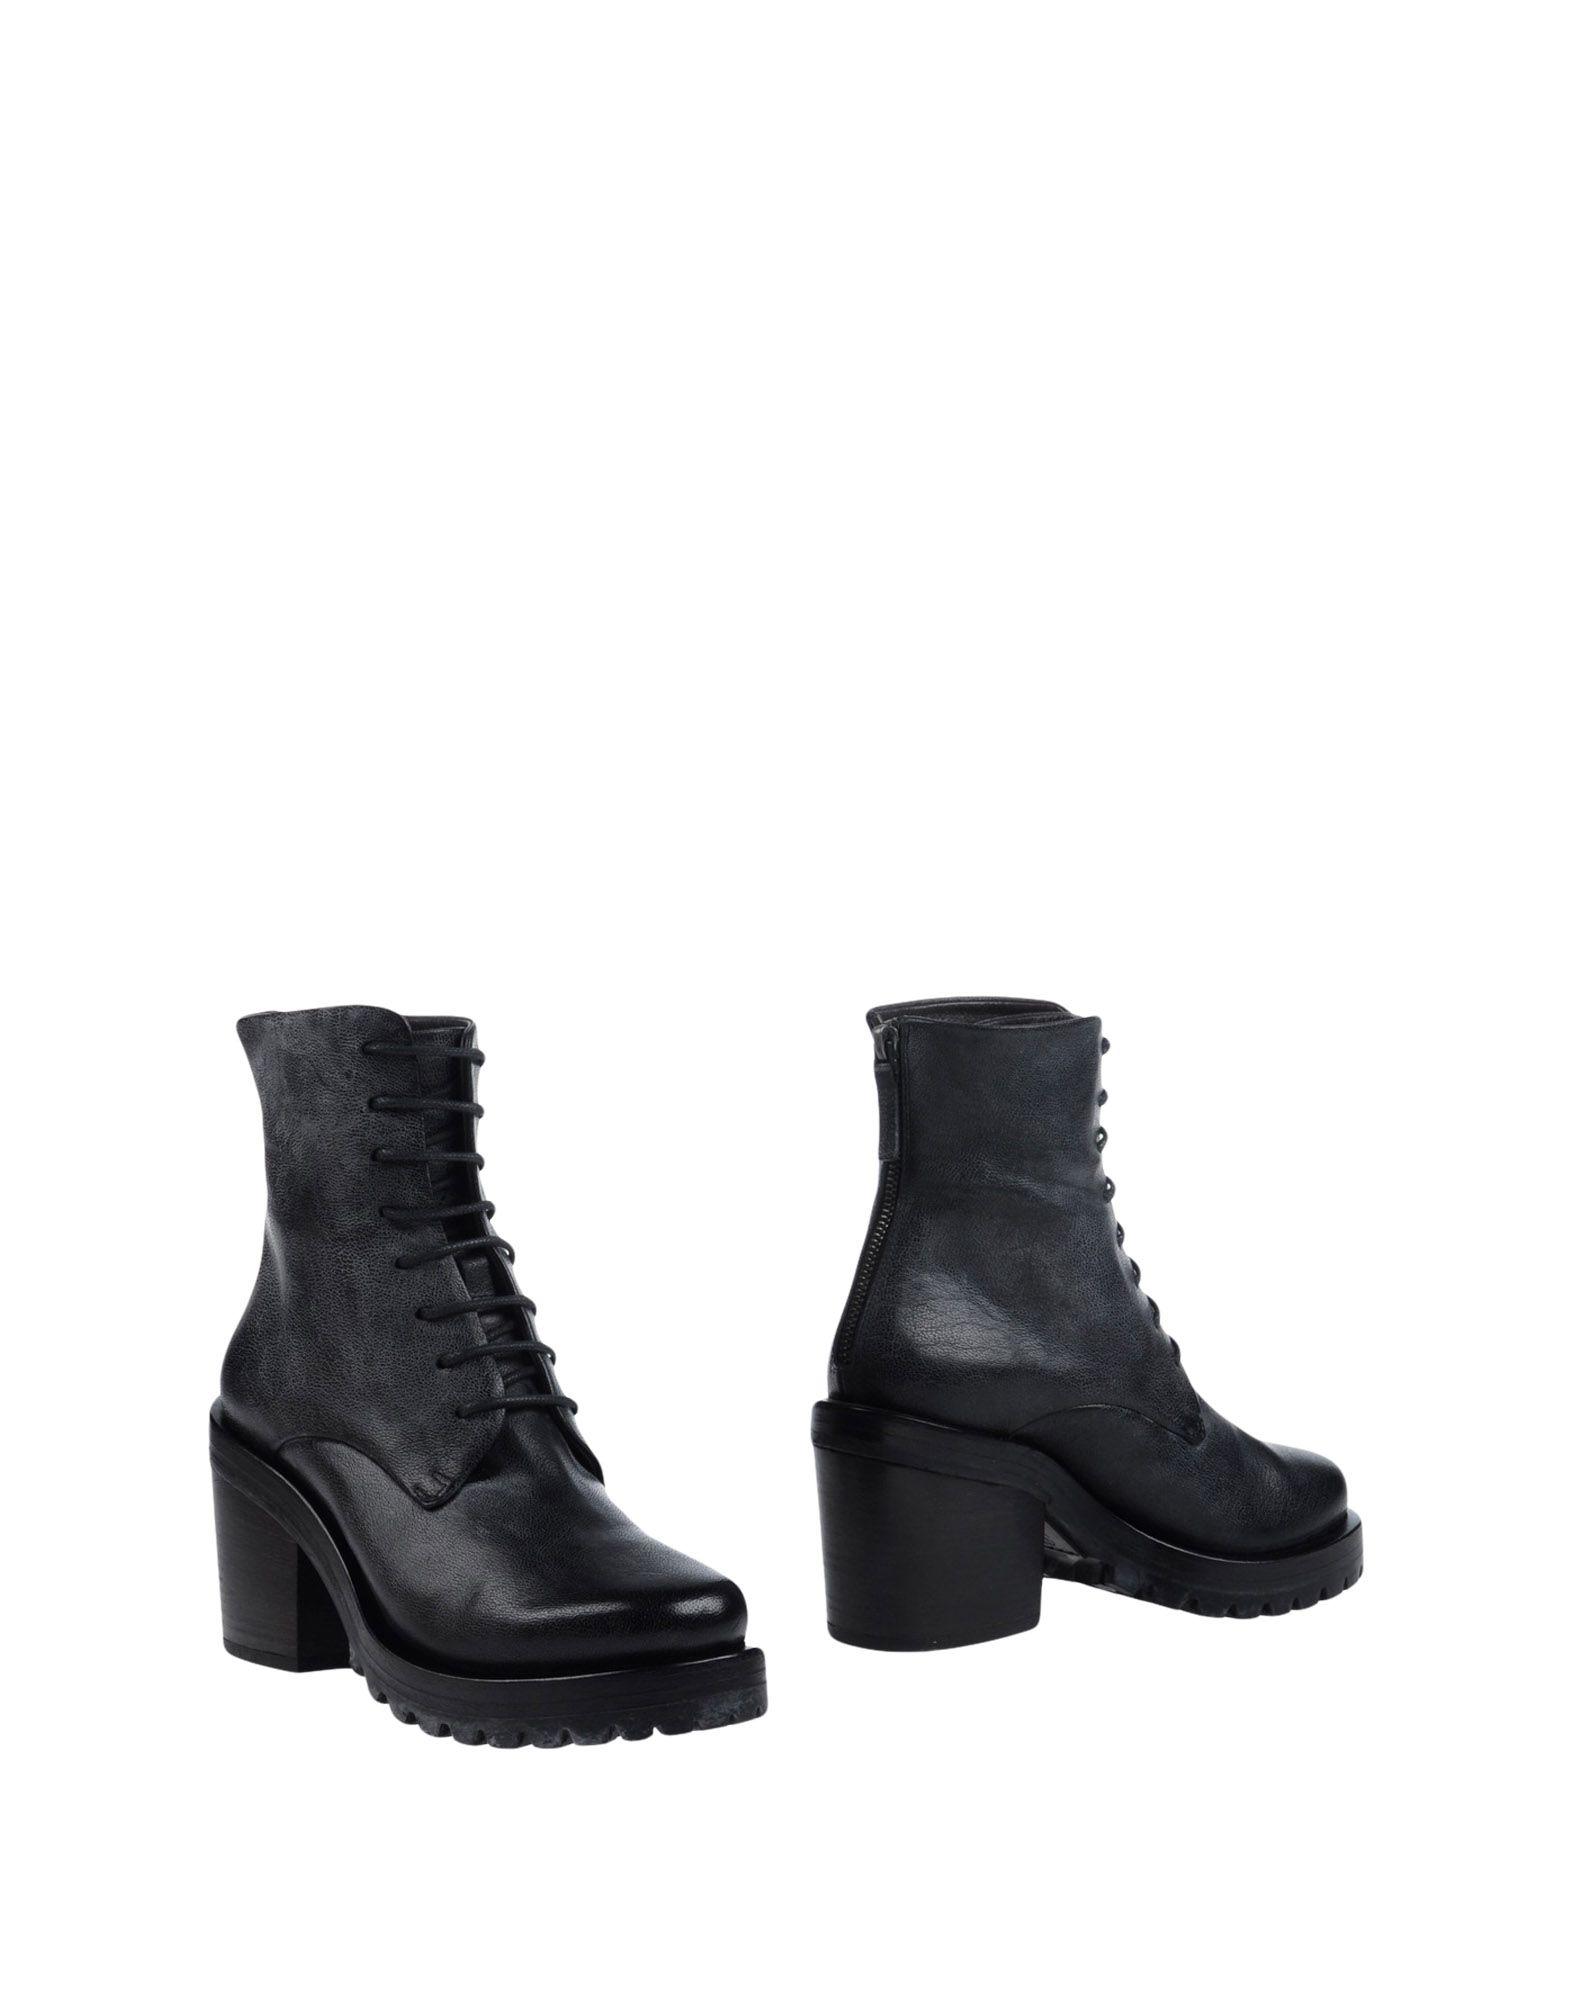 Mocassino Carshoe Uomo - 11505070LR Scarpe economiche e buone